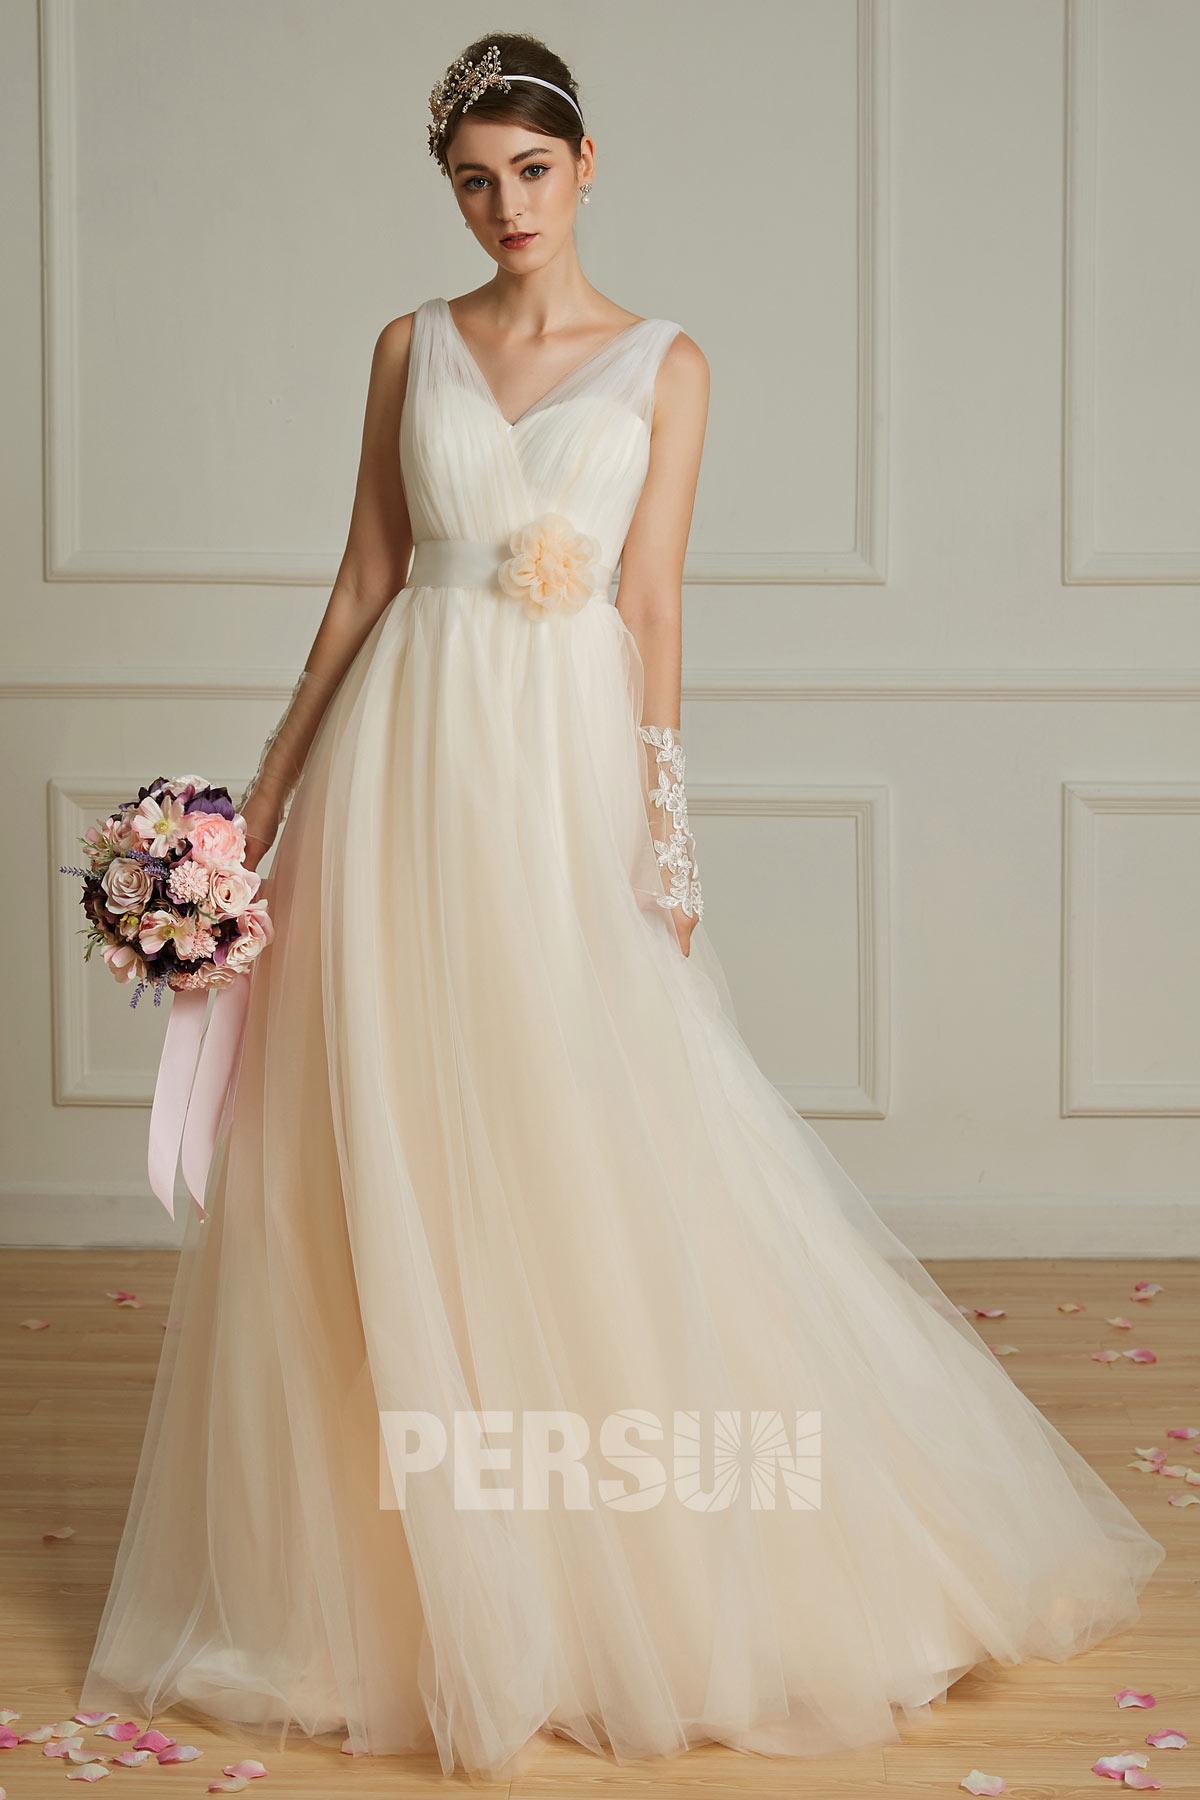 robe mariage simple champagne claire cache coeur col v taille ornée de fleurs